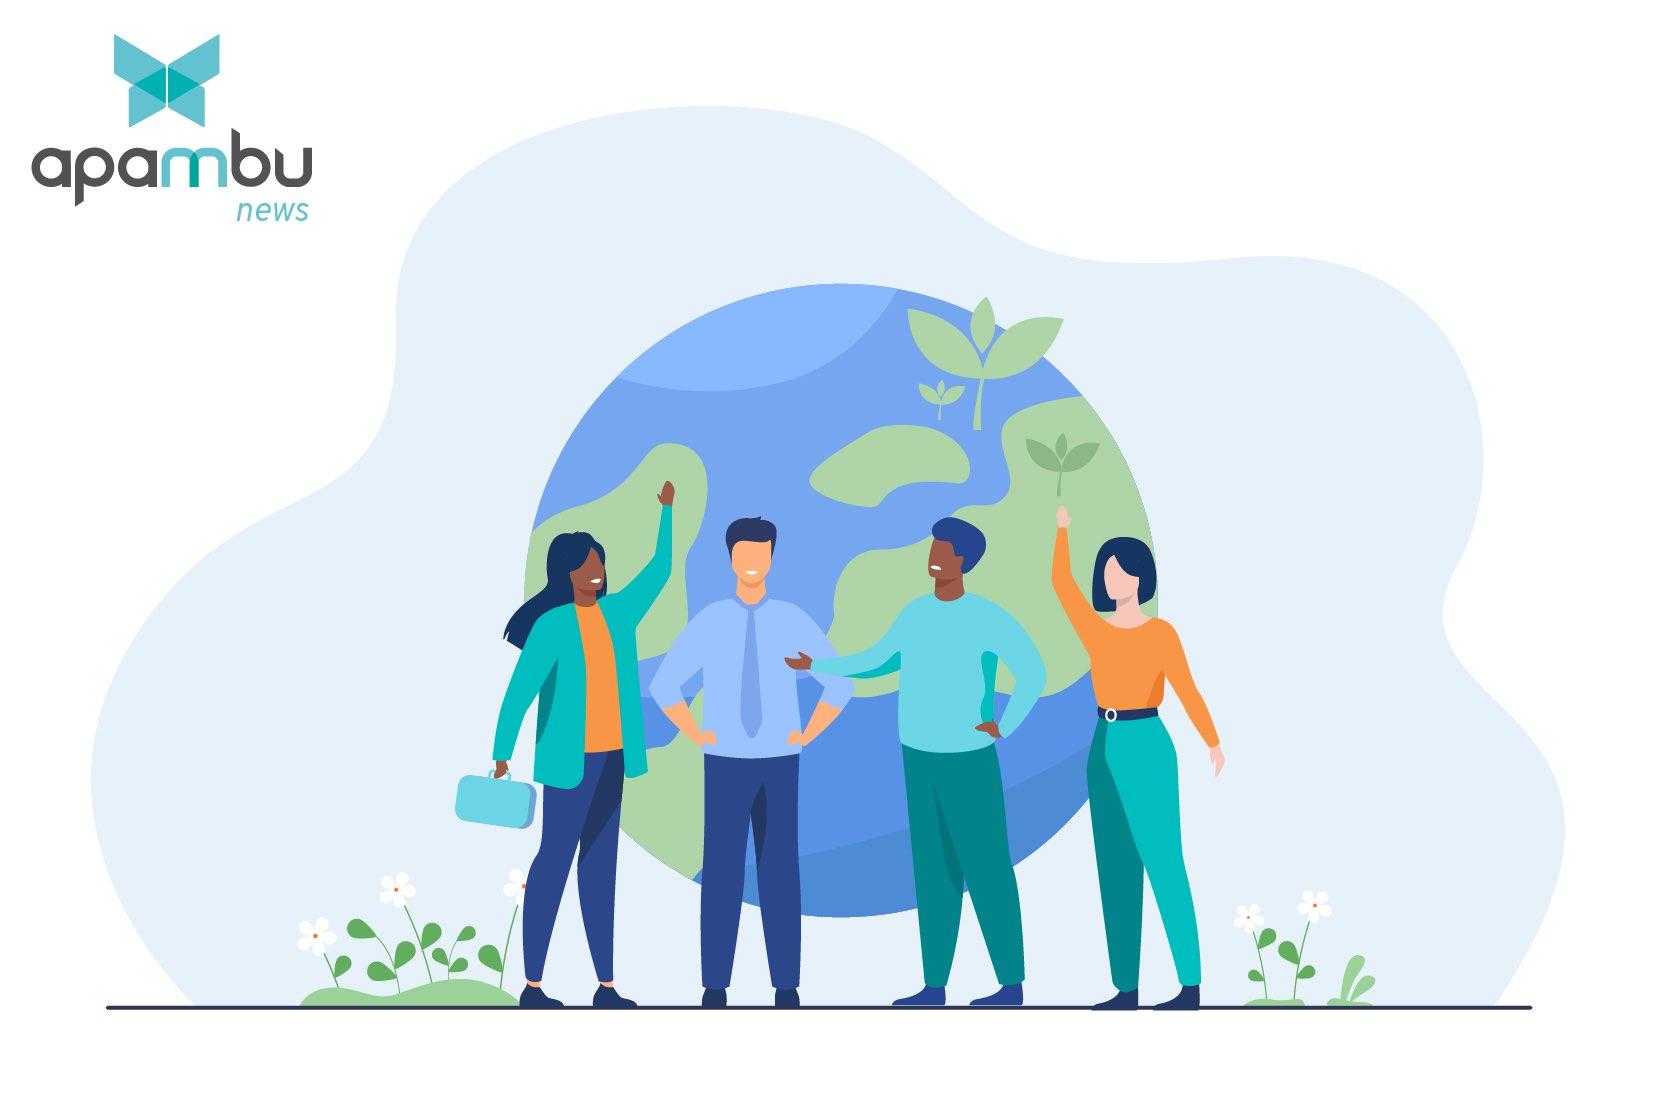 La Comisión Europea avanza en la definición de criterios sociales para identificar empresas sostenibles